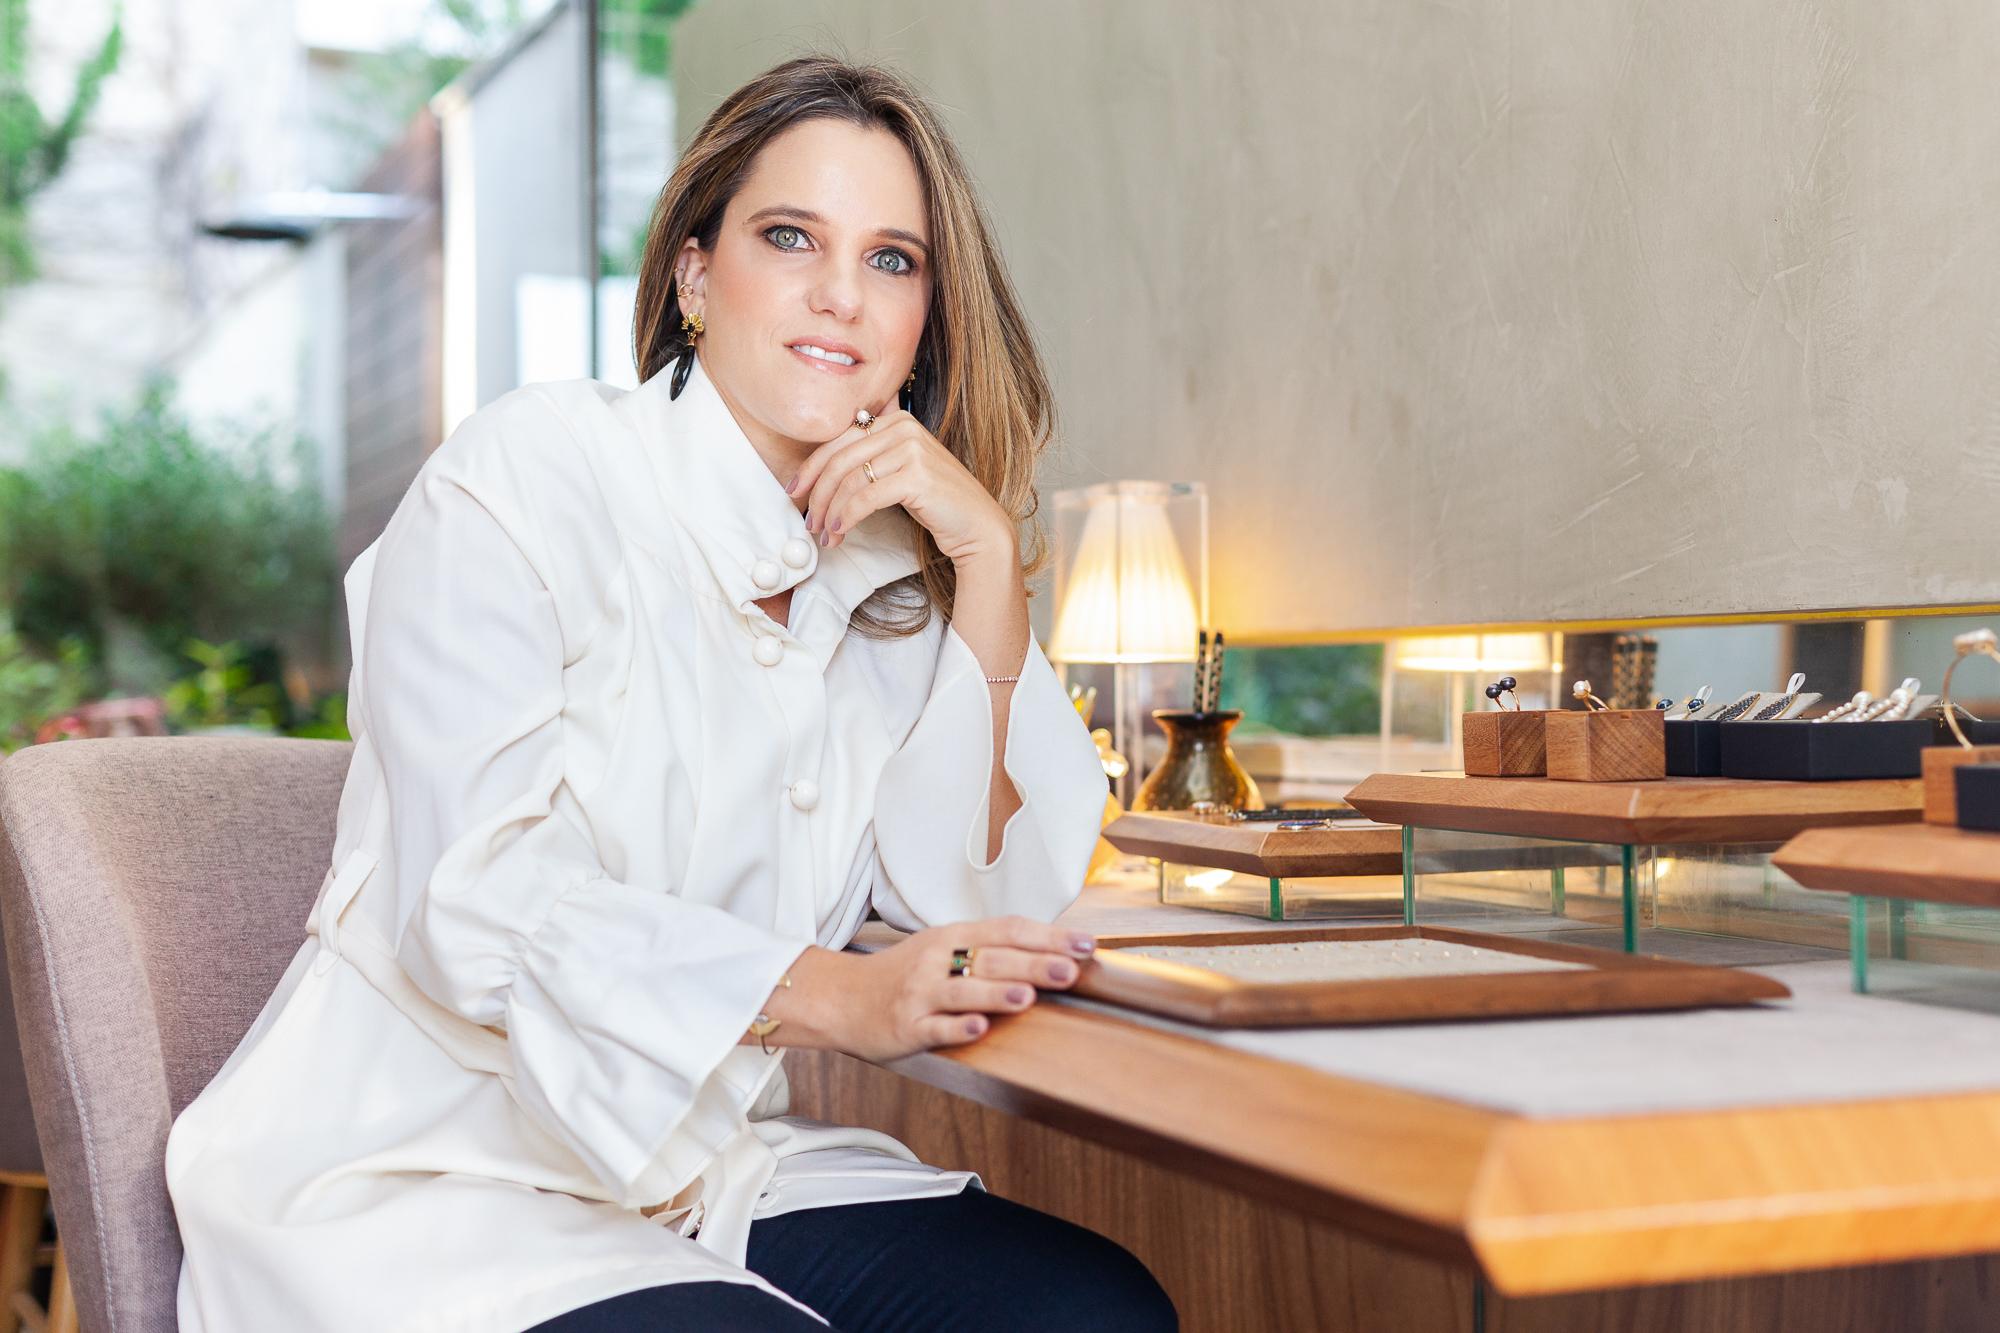 Priscila+Wolff+F%C3%A9res designer+de+joias - Interview: Priscila Wolff Féres, Designer de Joias